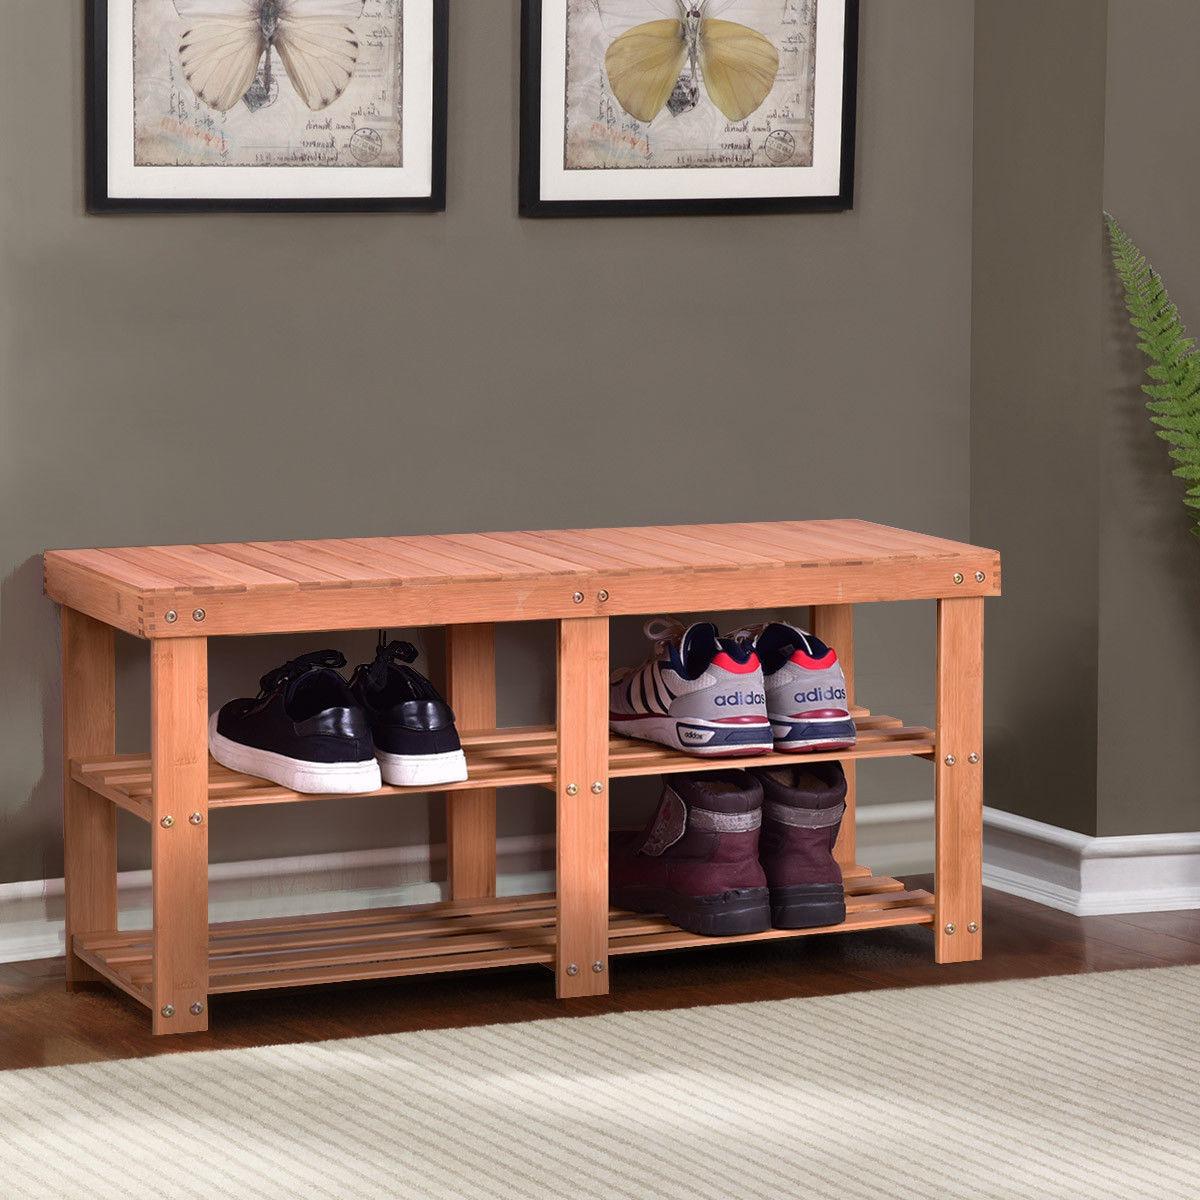 Asombroso Almacenes Para Muebles Banco De Zapato Motivo - Muebles ...